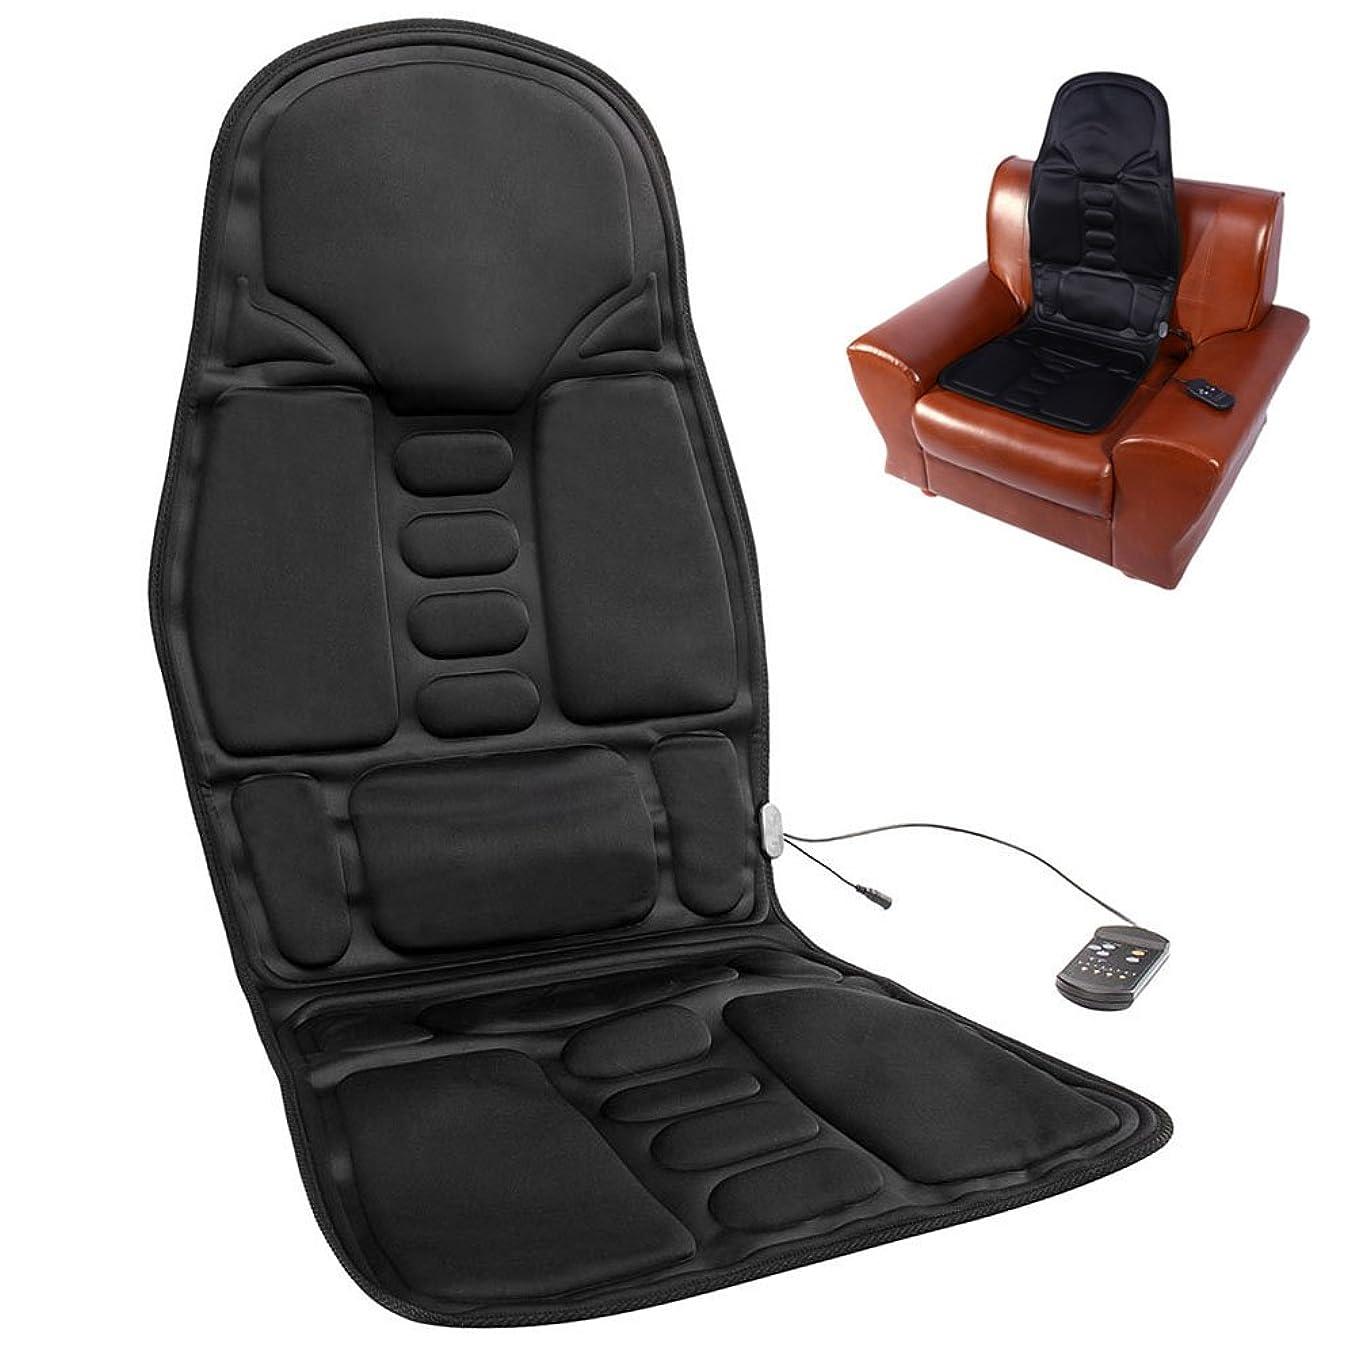 平らな適合しました減少seacan マッサージシート カーシートカバー 高品質PUレザー製車載用ツインバードマッサージシート ヒーターマッサージ 5機能5もみ玉付き ホーム車シート椅子汎用 オートオフタイマー内蔵 伸縮ストラップ付 椅子や座椅子用 持ち運び便利 取り付け簡単